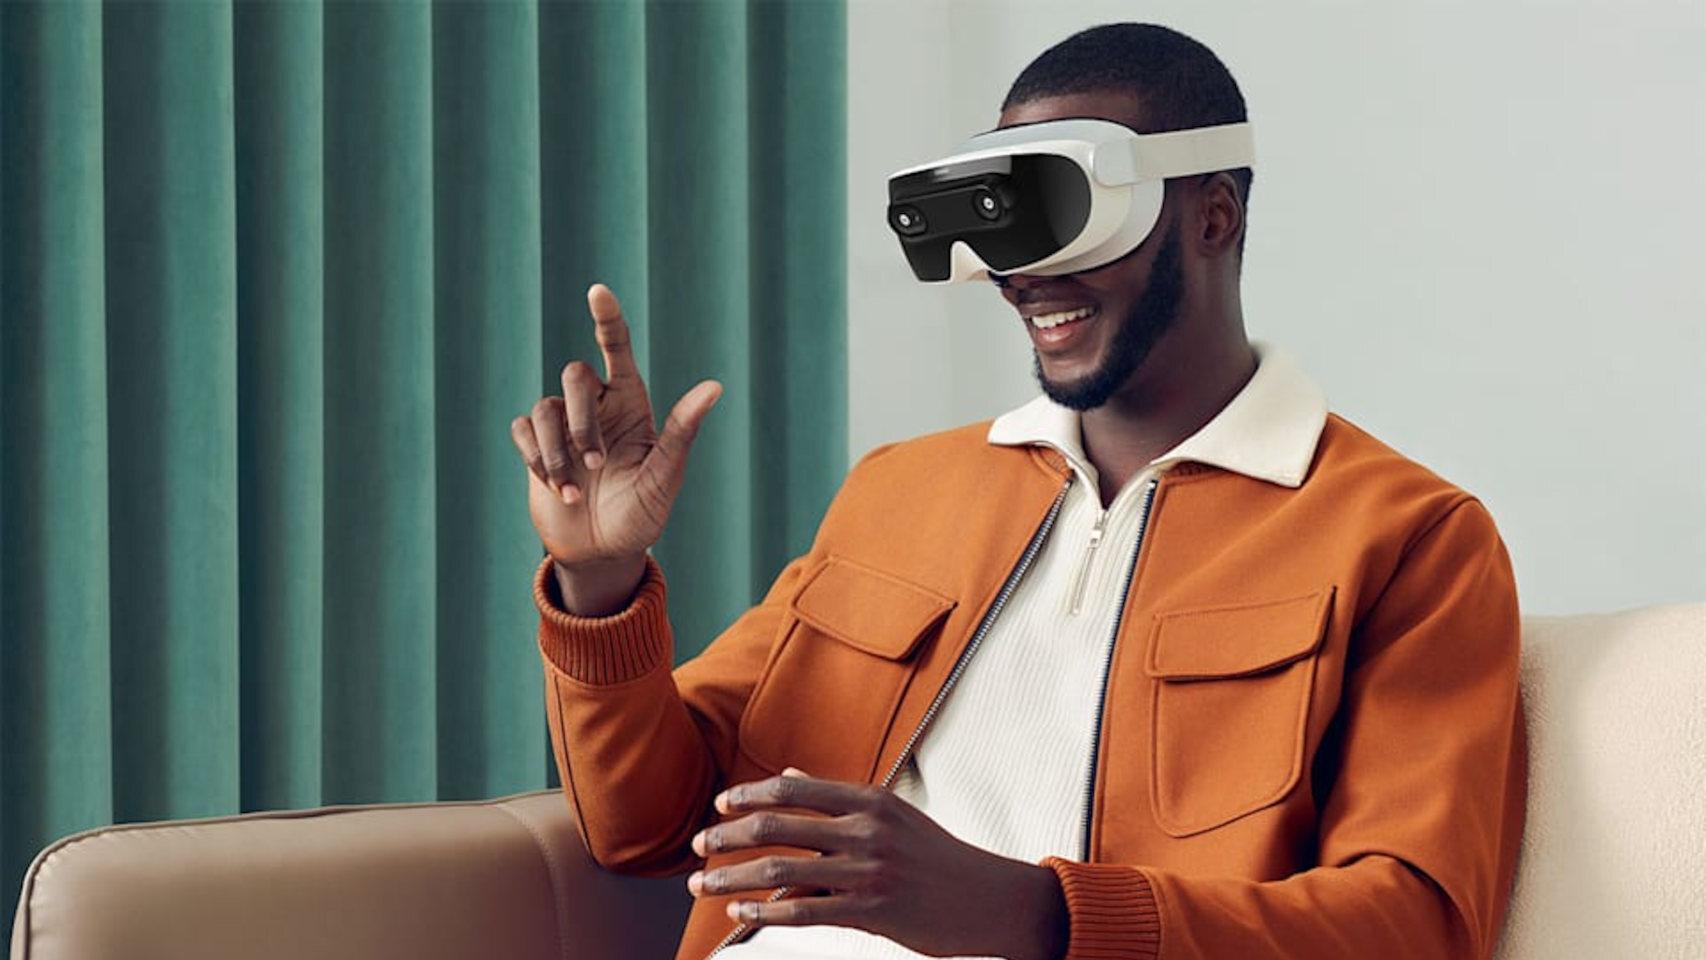 El Mova es un visor de realidad virtual que se puede controlar con las manos